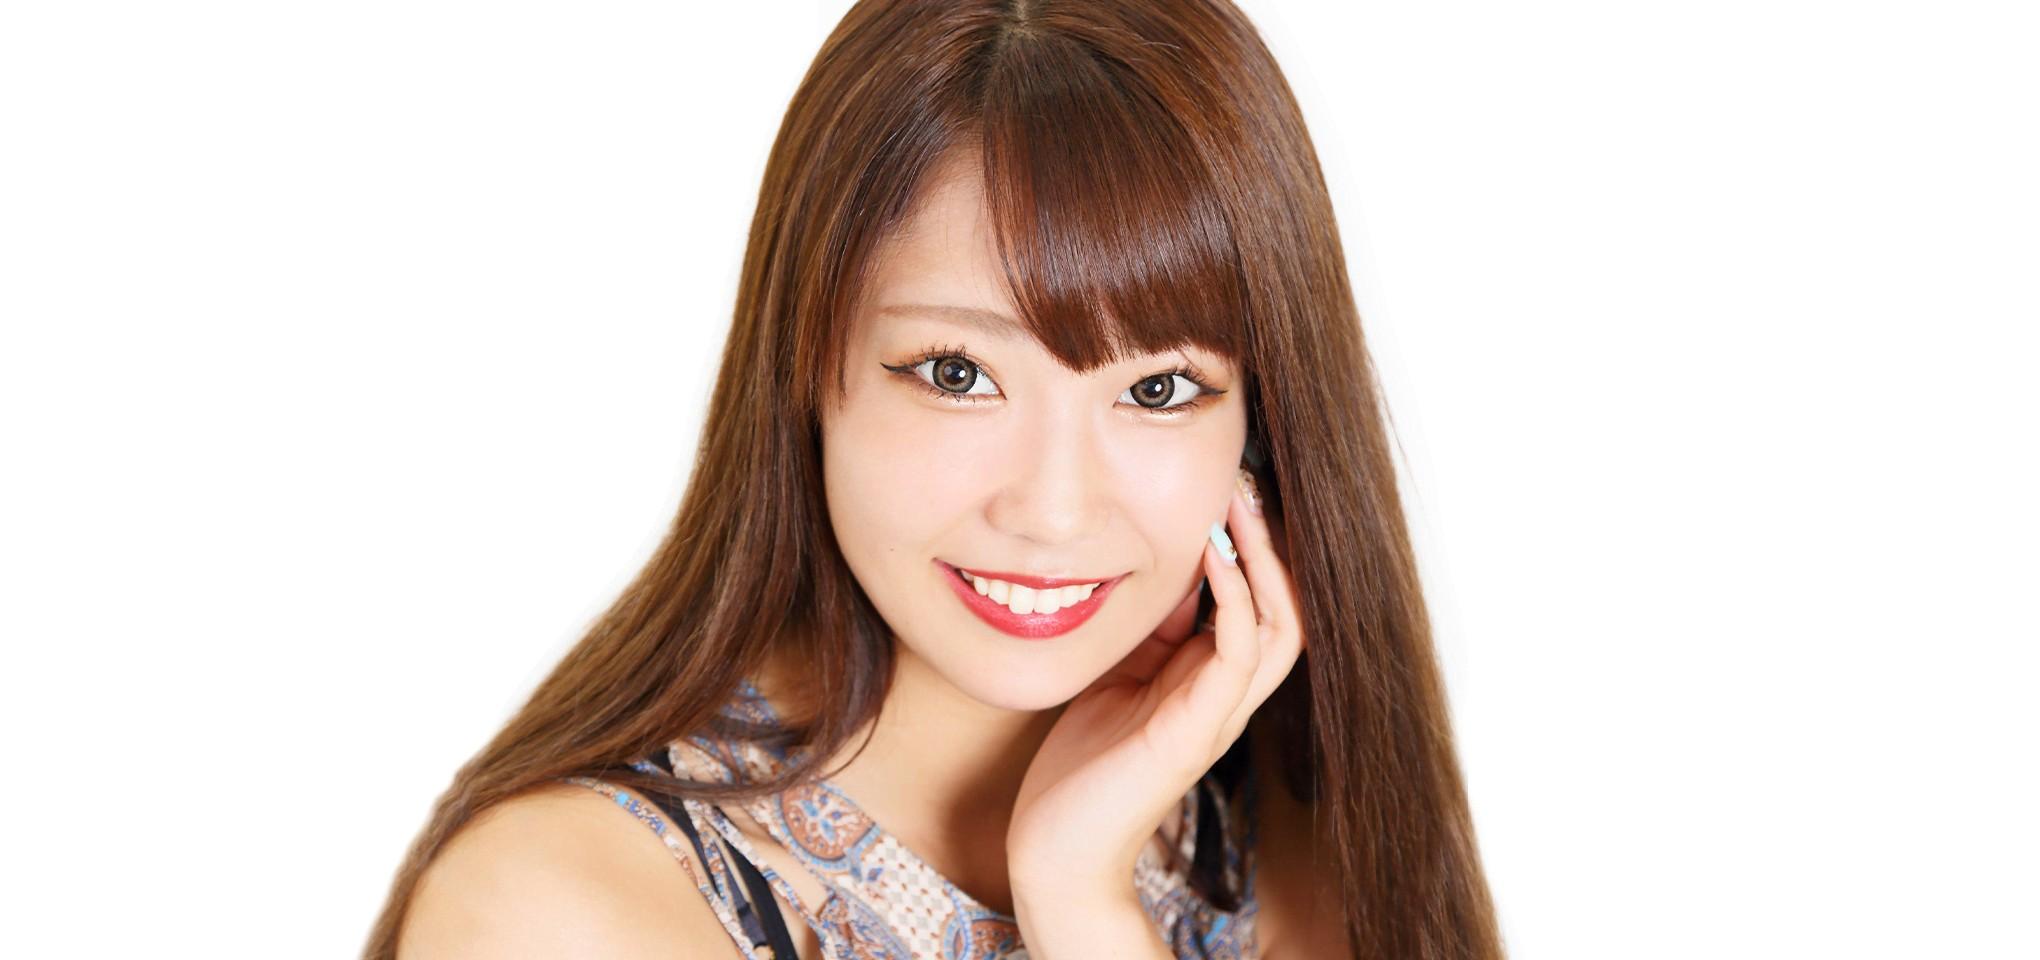 【今日好き】倉田乃彩はビジネスカップル!整形や高校や事務所も紹介!